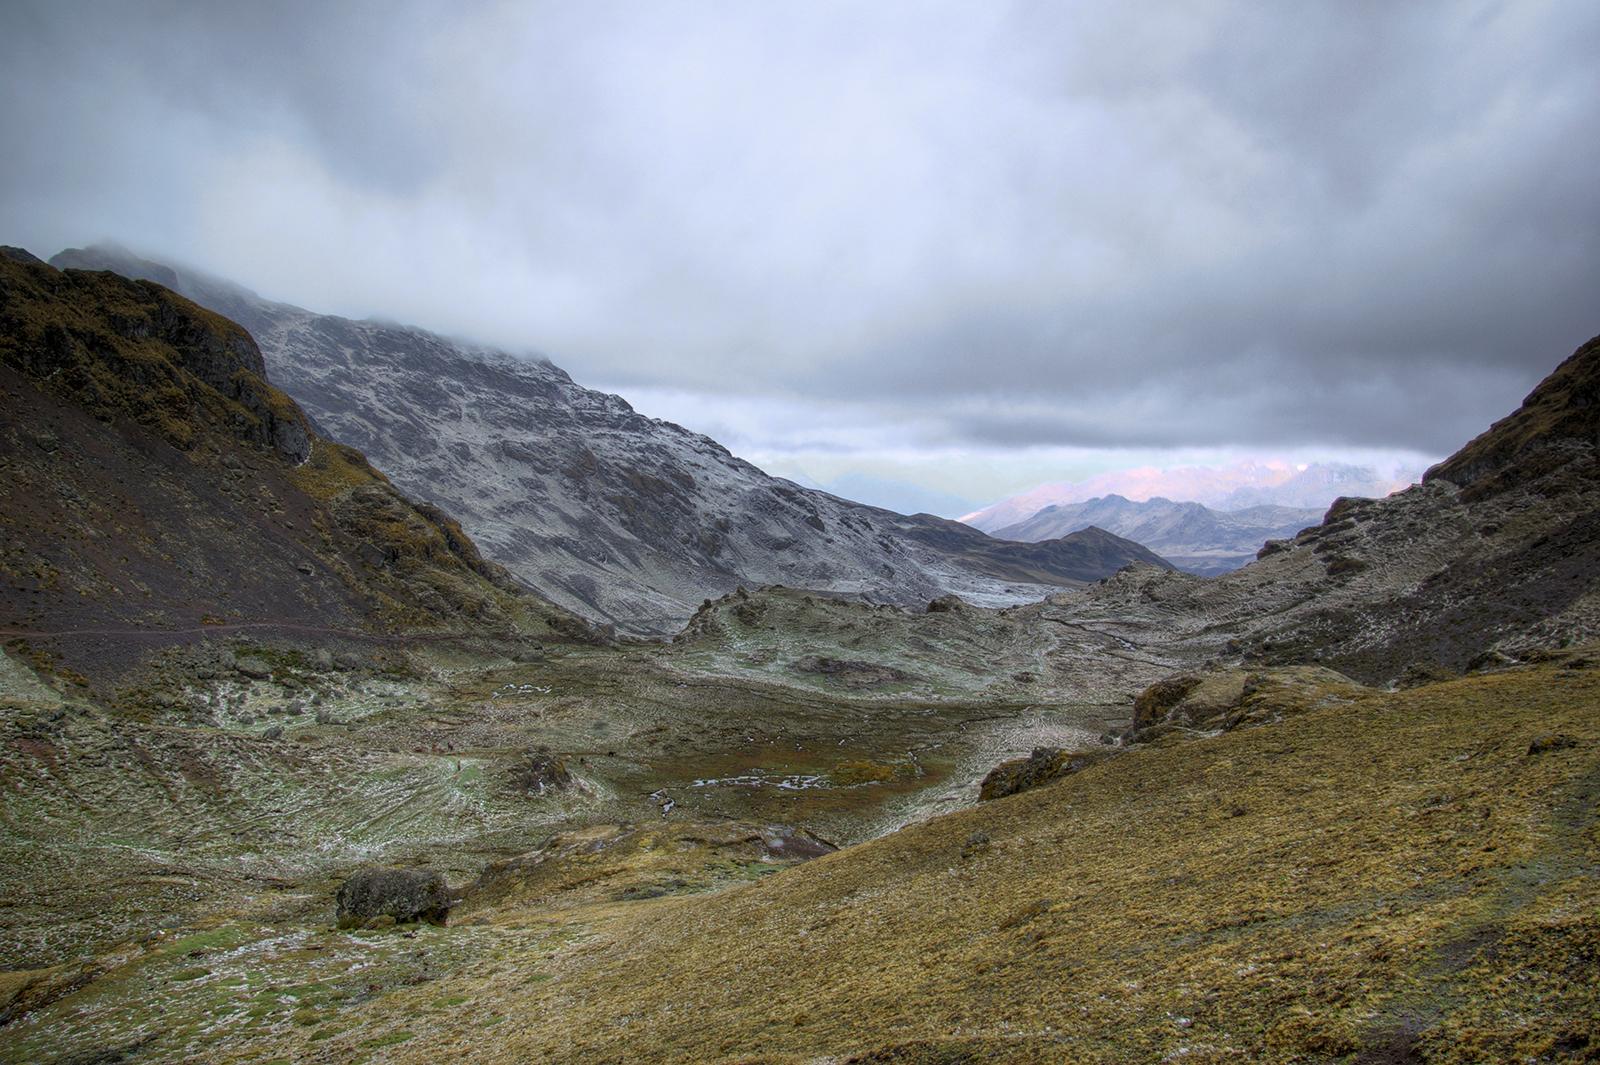 Hailstorm on Ipsayjasa Pass